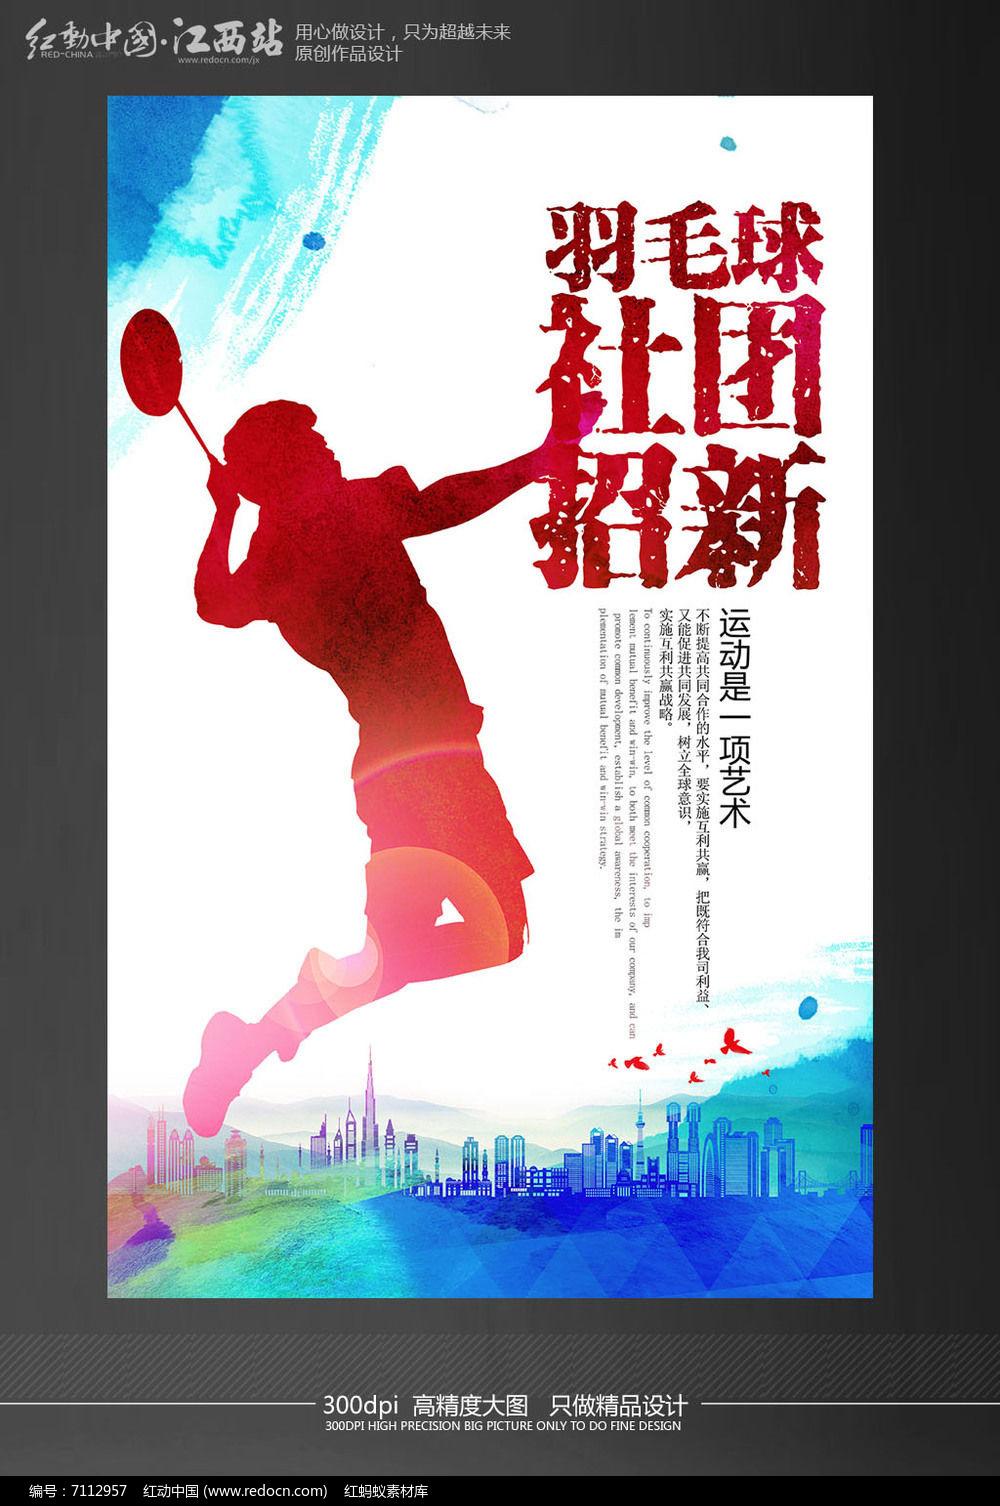 校园羽毛球招新海报设计模板图片,高清大图_儿童摄影